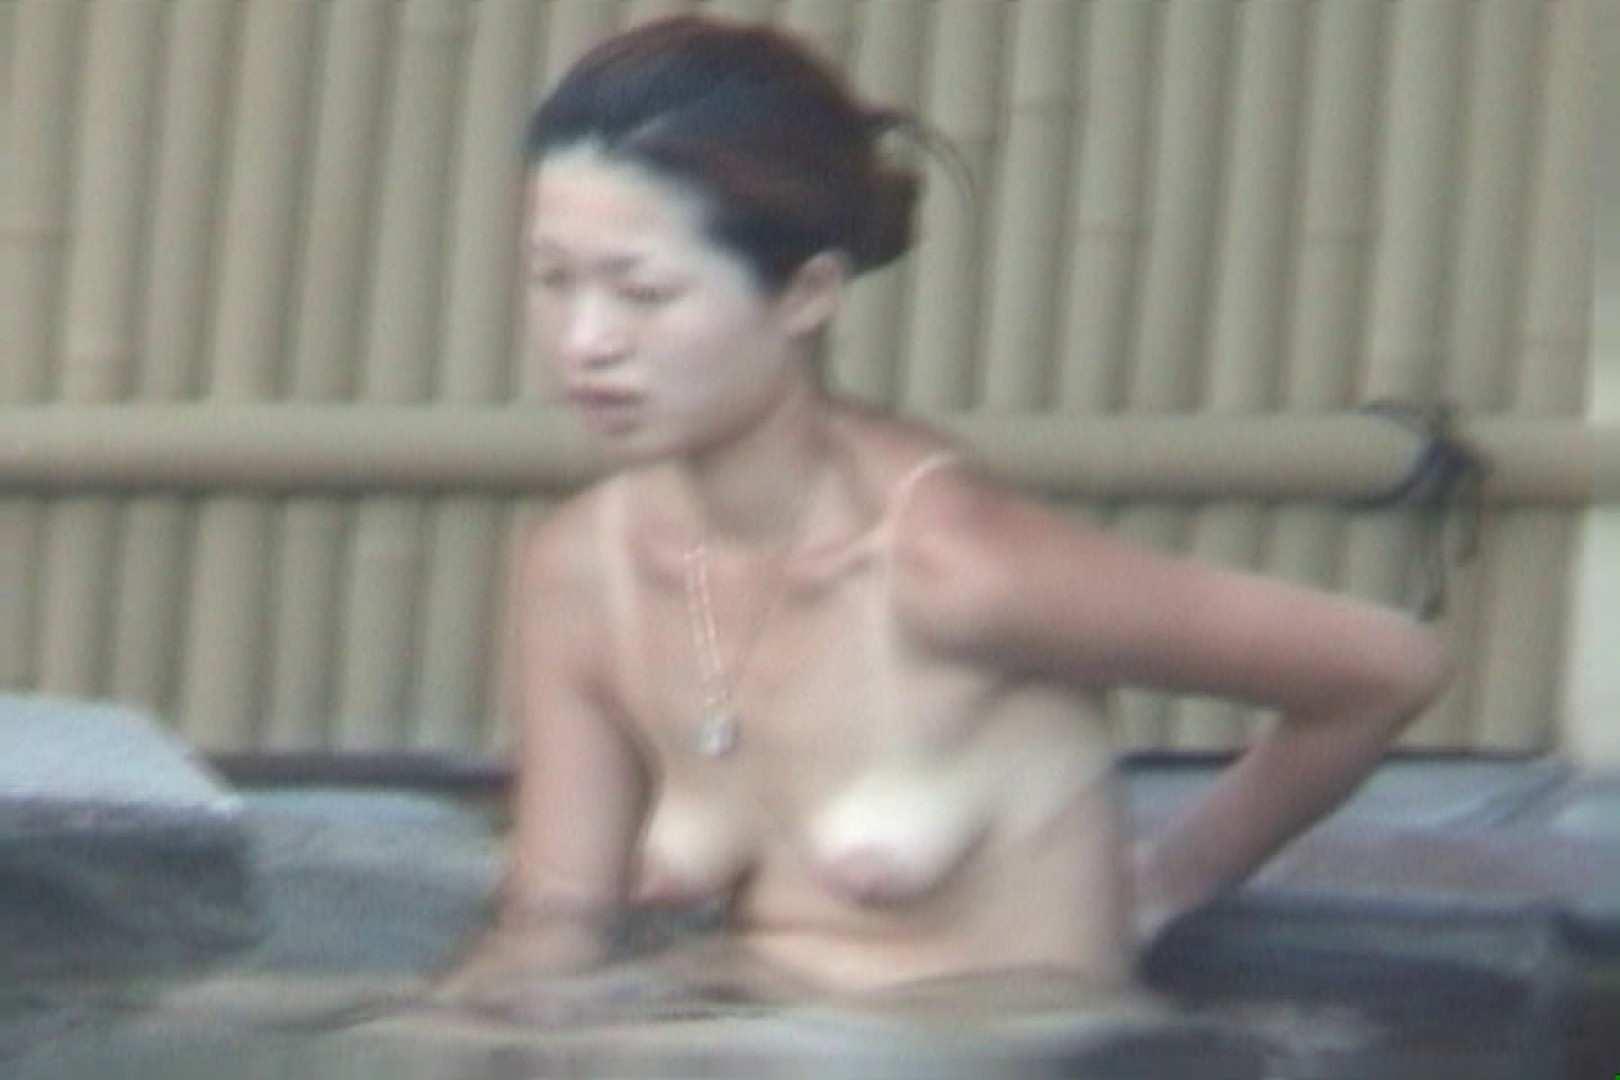 Aquaな露天風呂Vol.571 OLすけべ画像 ヌード画像 81連発 80